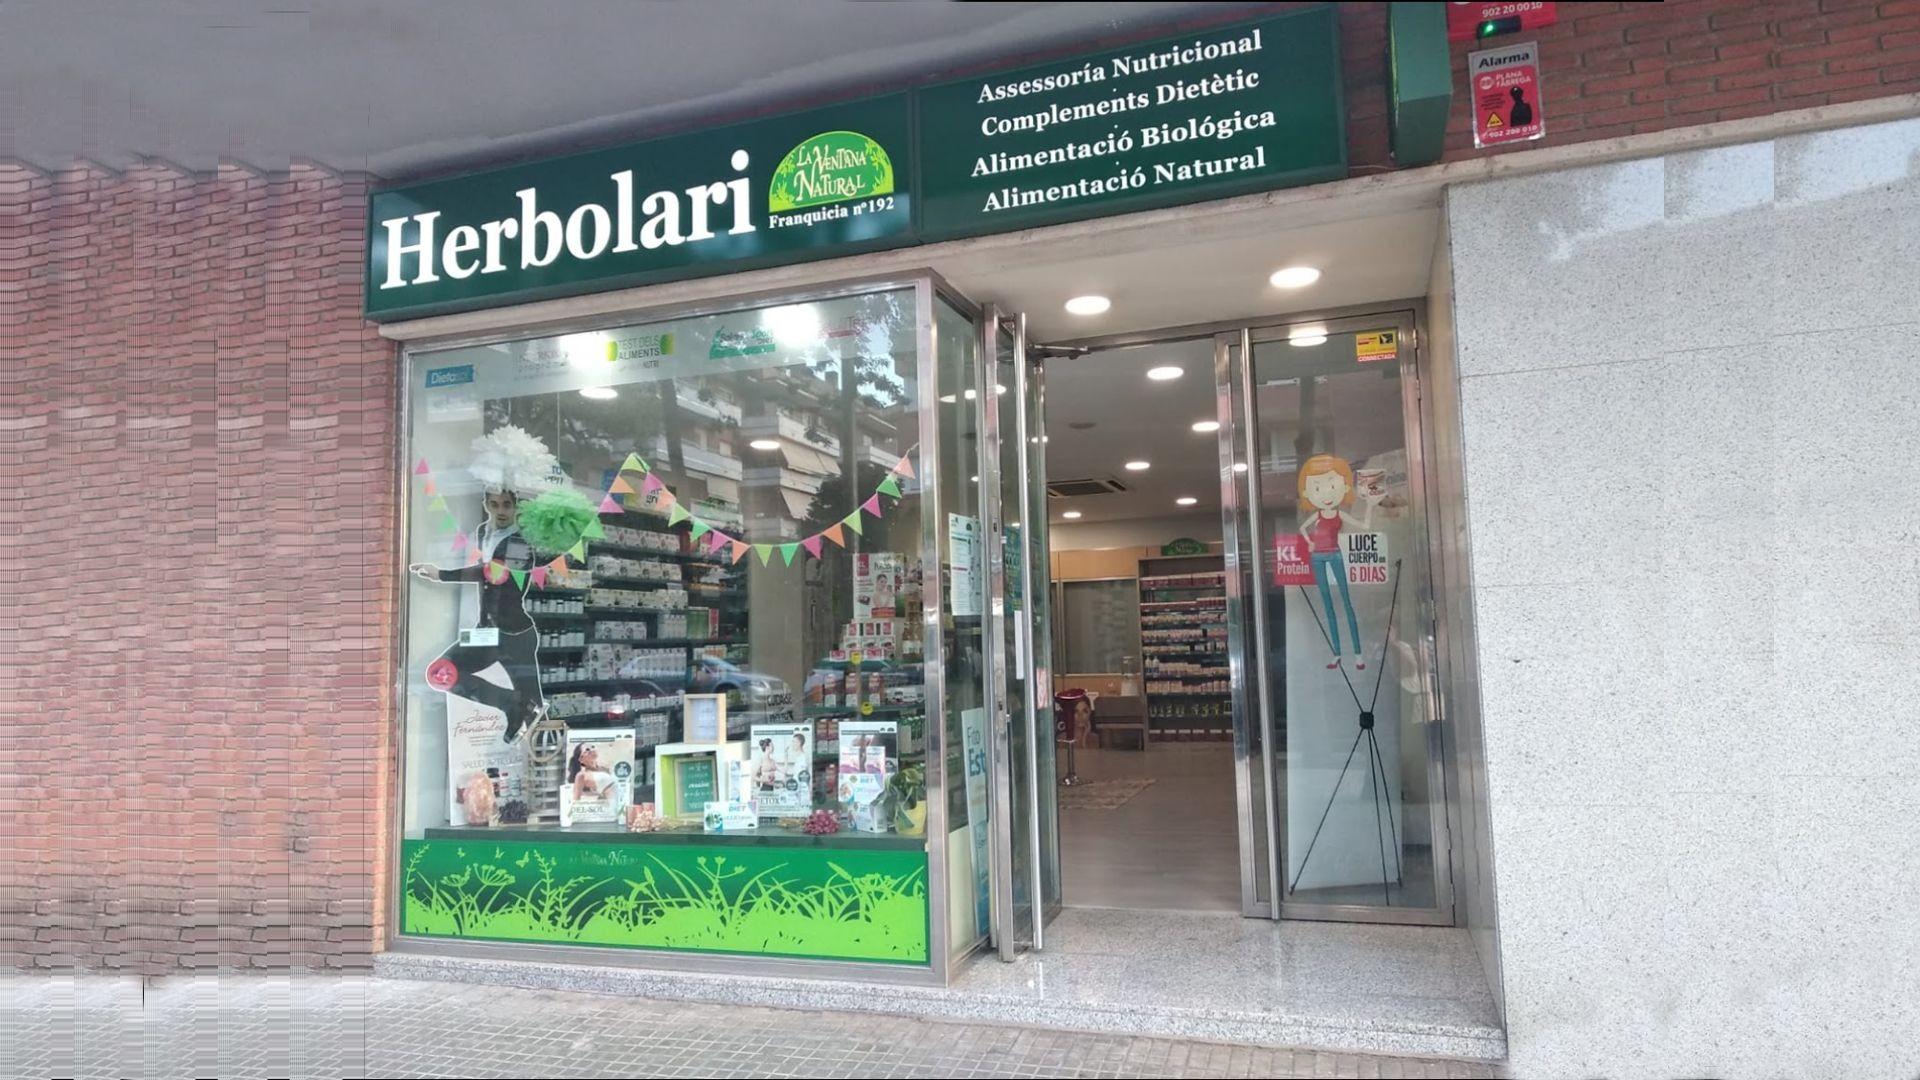 Productos de dietética en Barcelona